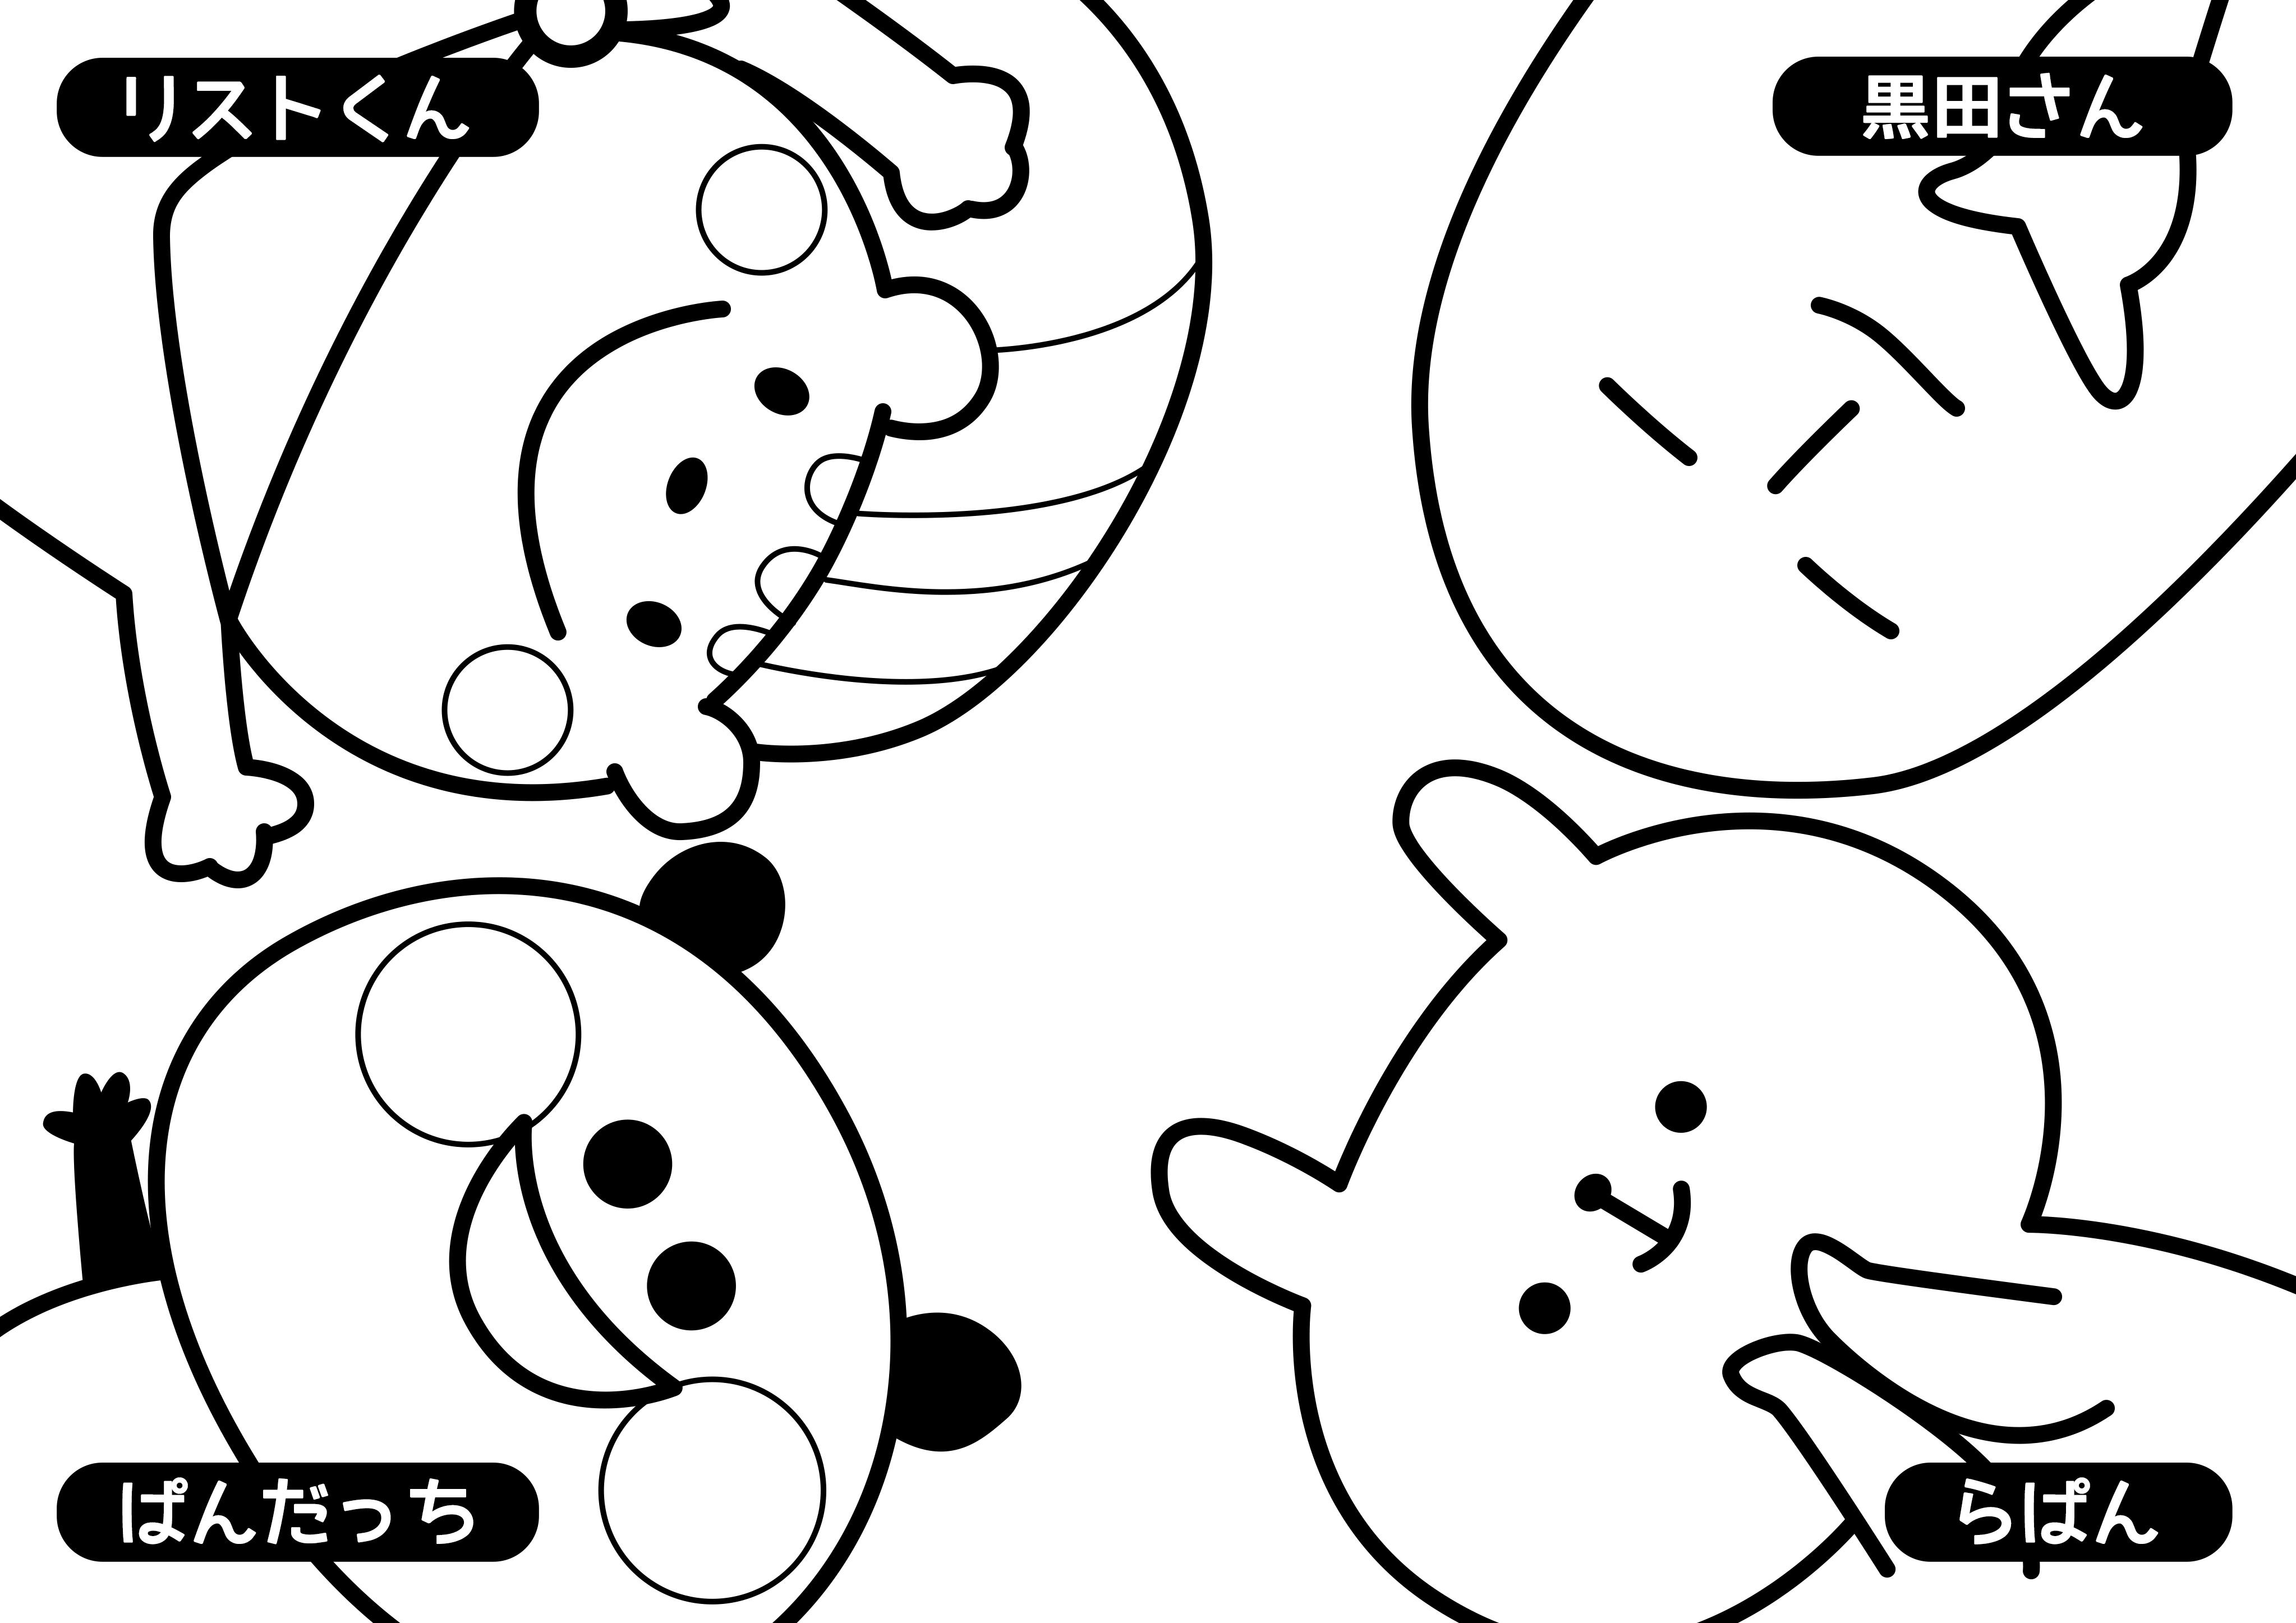 ぬり絵_クリアファイル